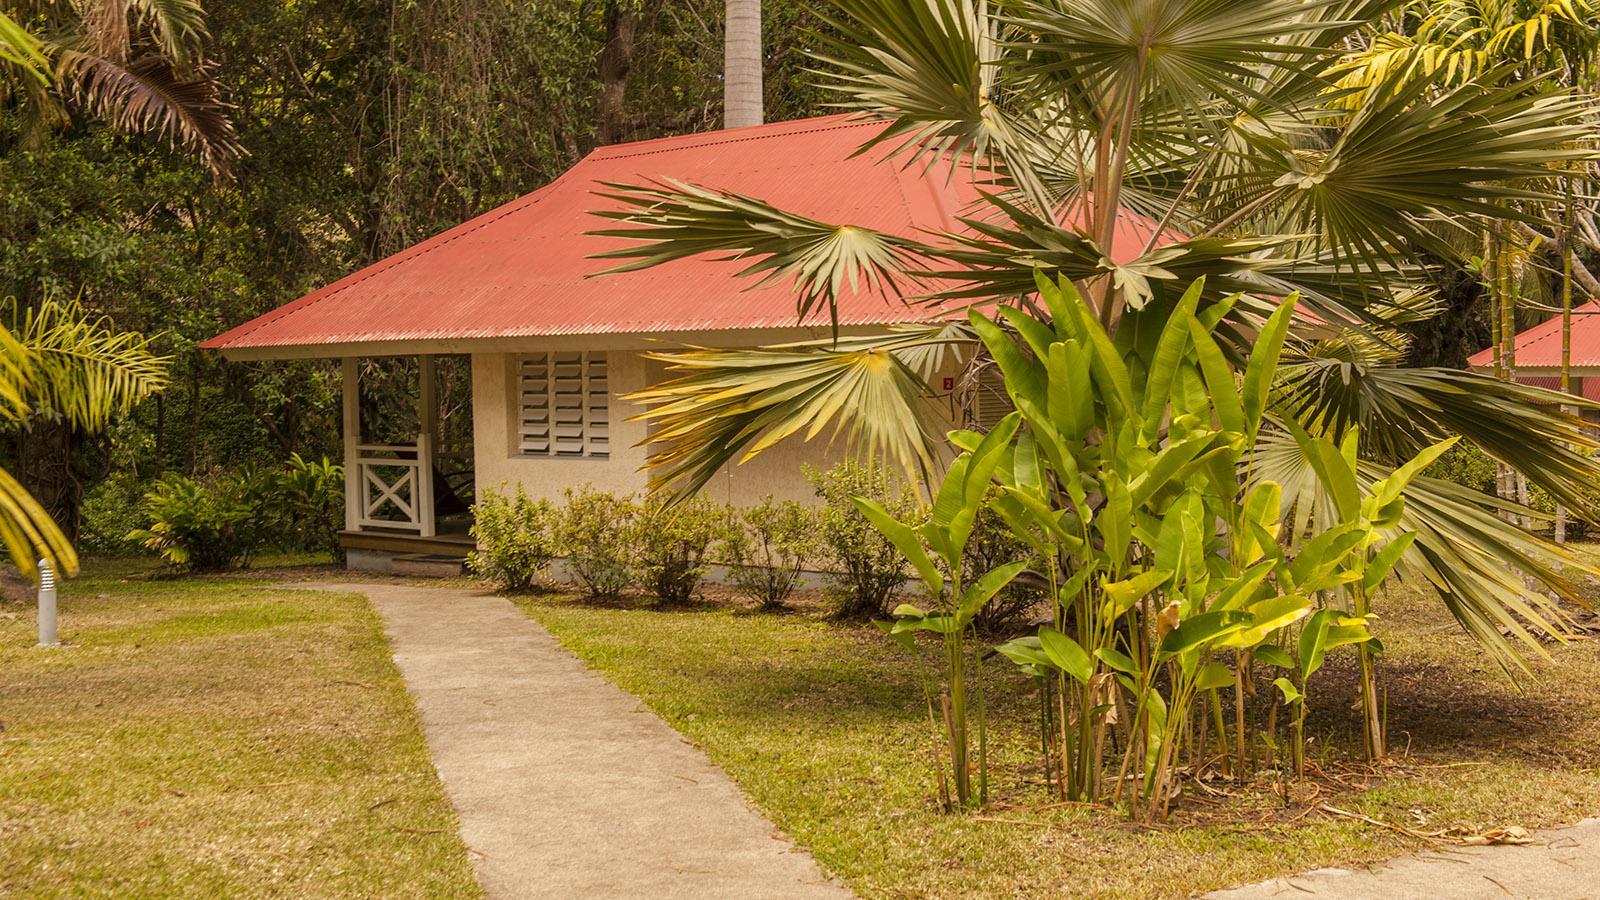 Der wilde Westen: Die Bungalows des Hotels Évasion sind eingebettet in einen exotischen Garten. Foto: Hilke Maunder